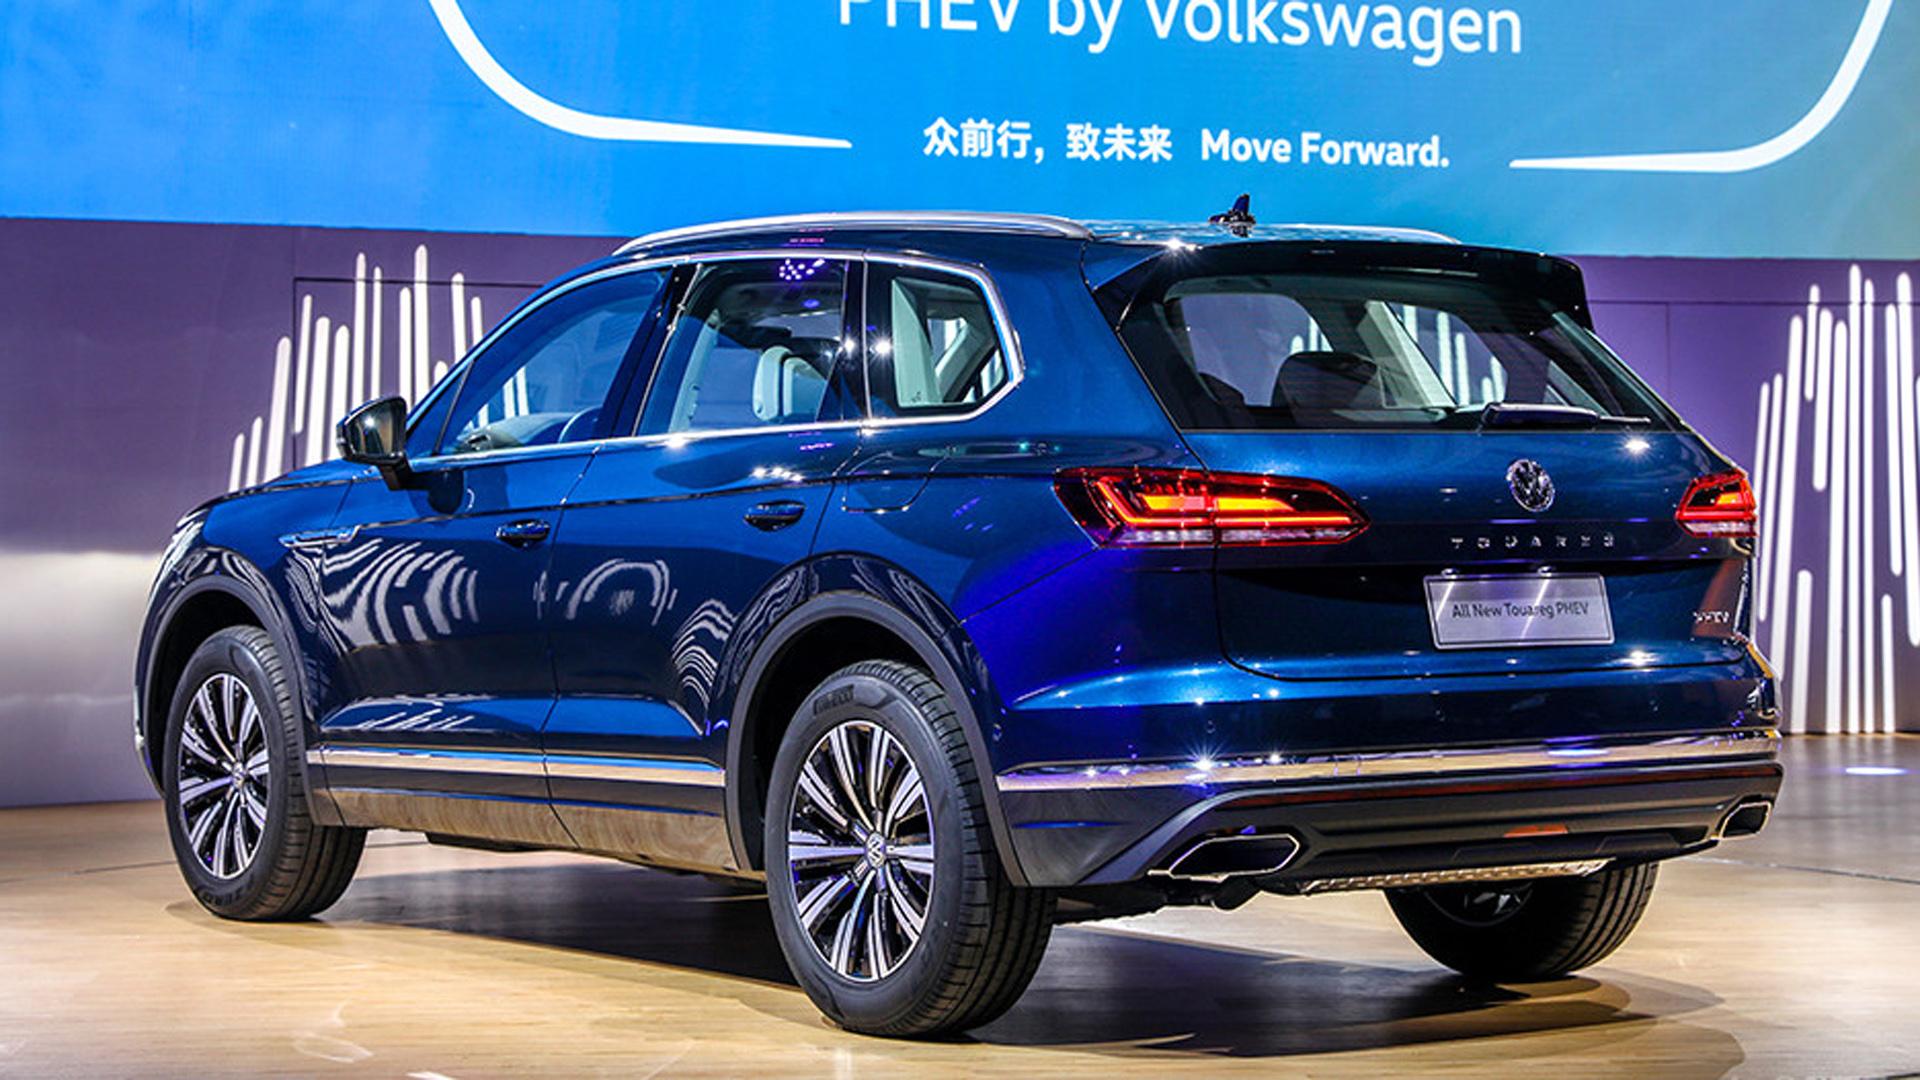 Volkswagen Touareg PHEV 2019